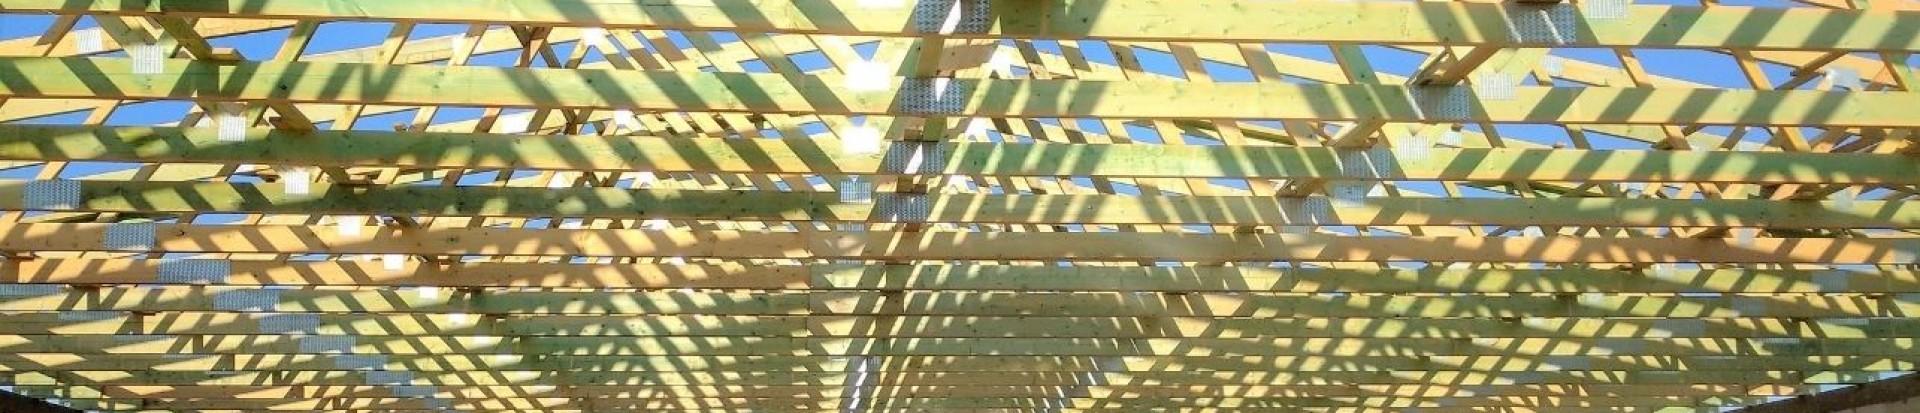 Konstrukcja drewniana dachu pawilonu handlowego w Leżajsku